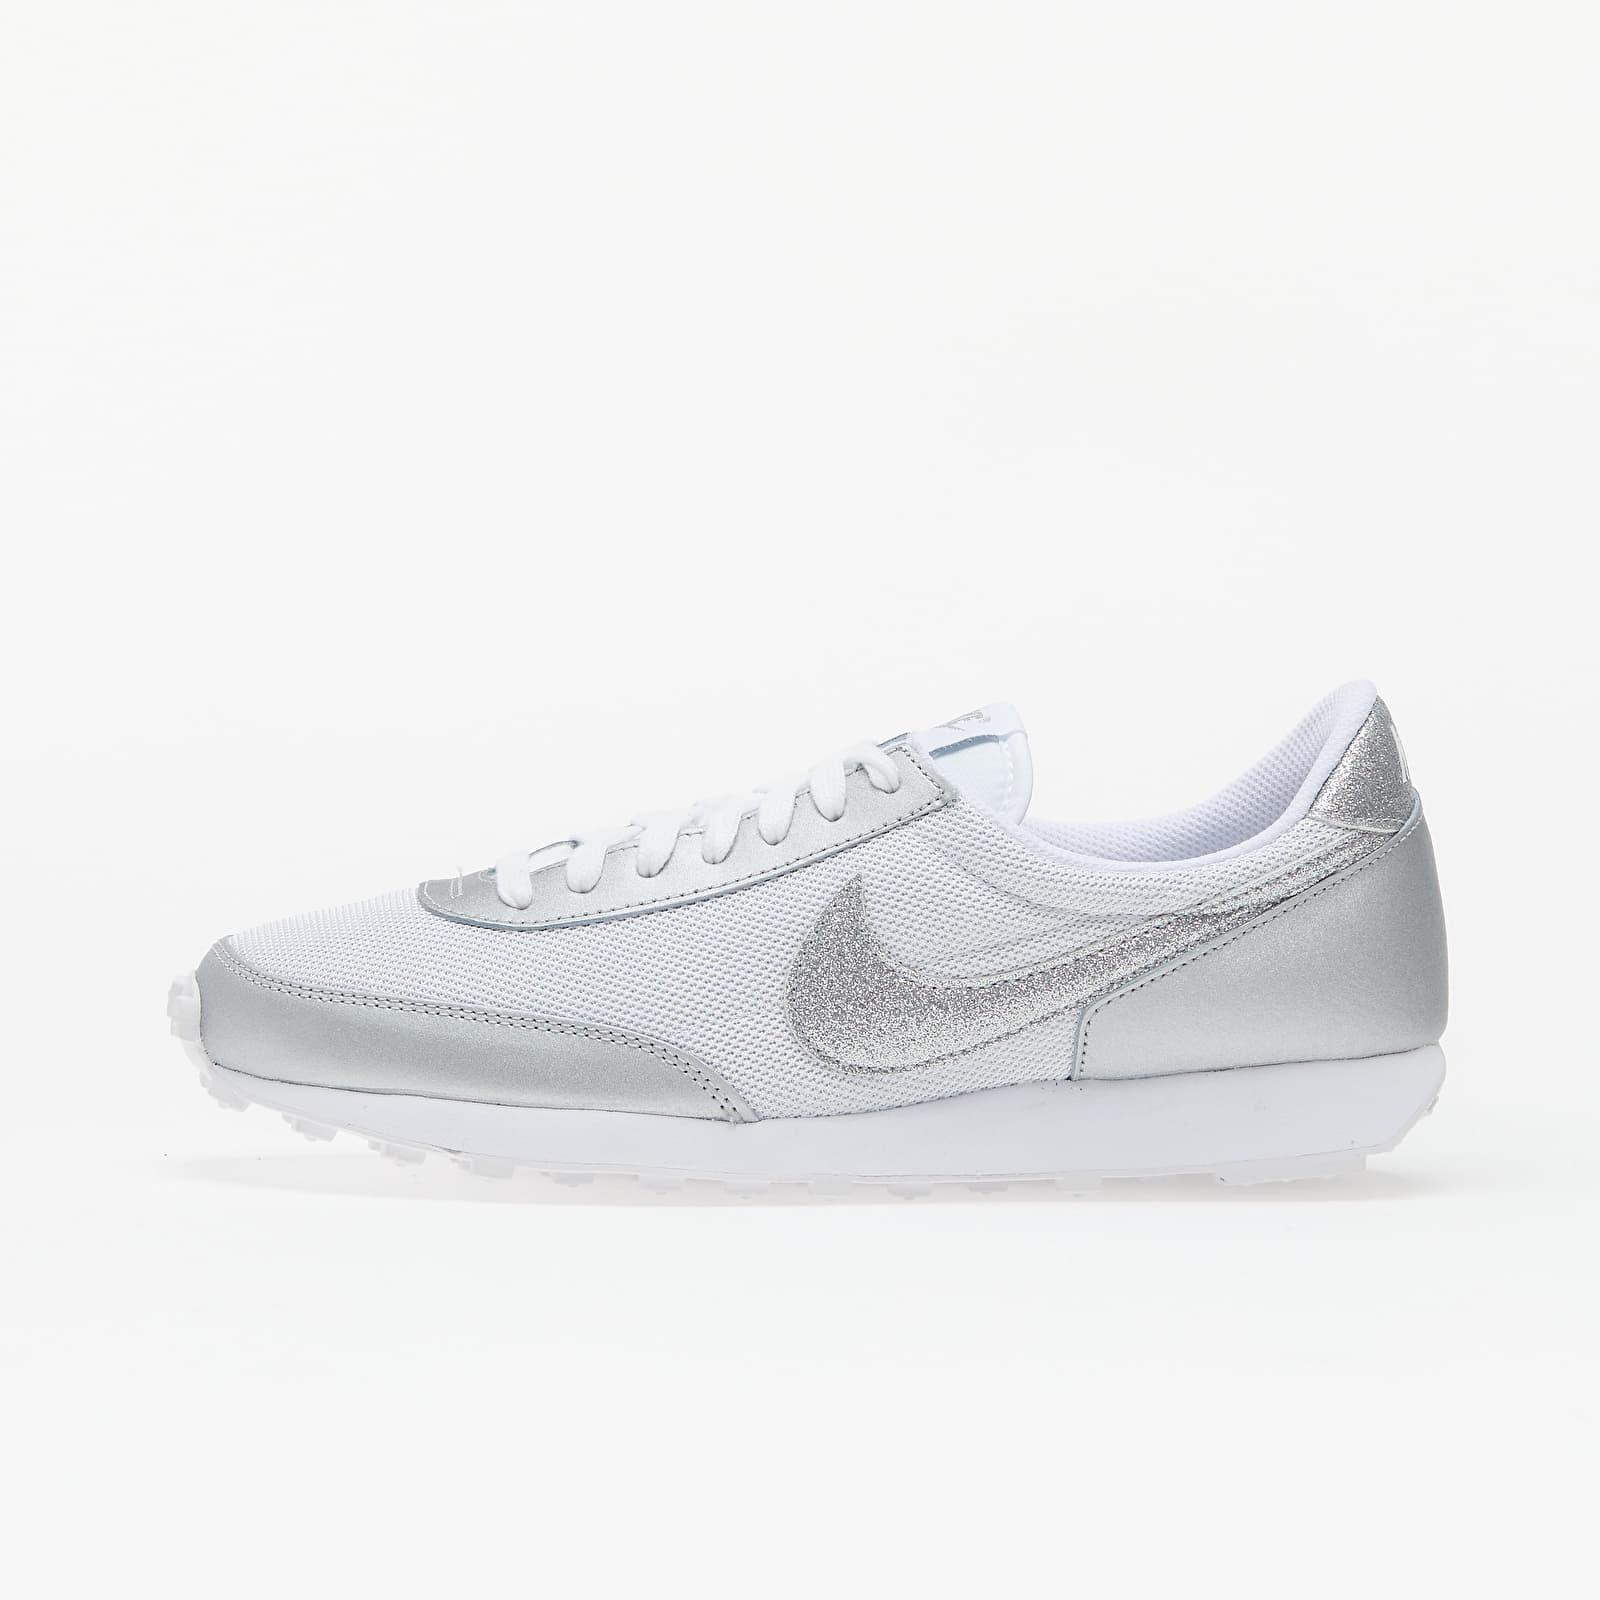 Dámske topánky a tenisky Nike Wmns Daybreak White/ White-Metallic Silver